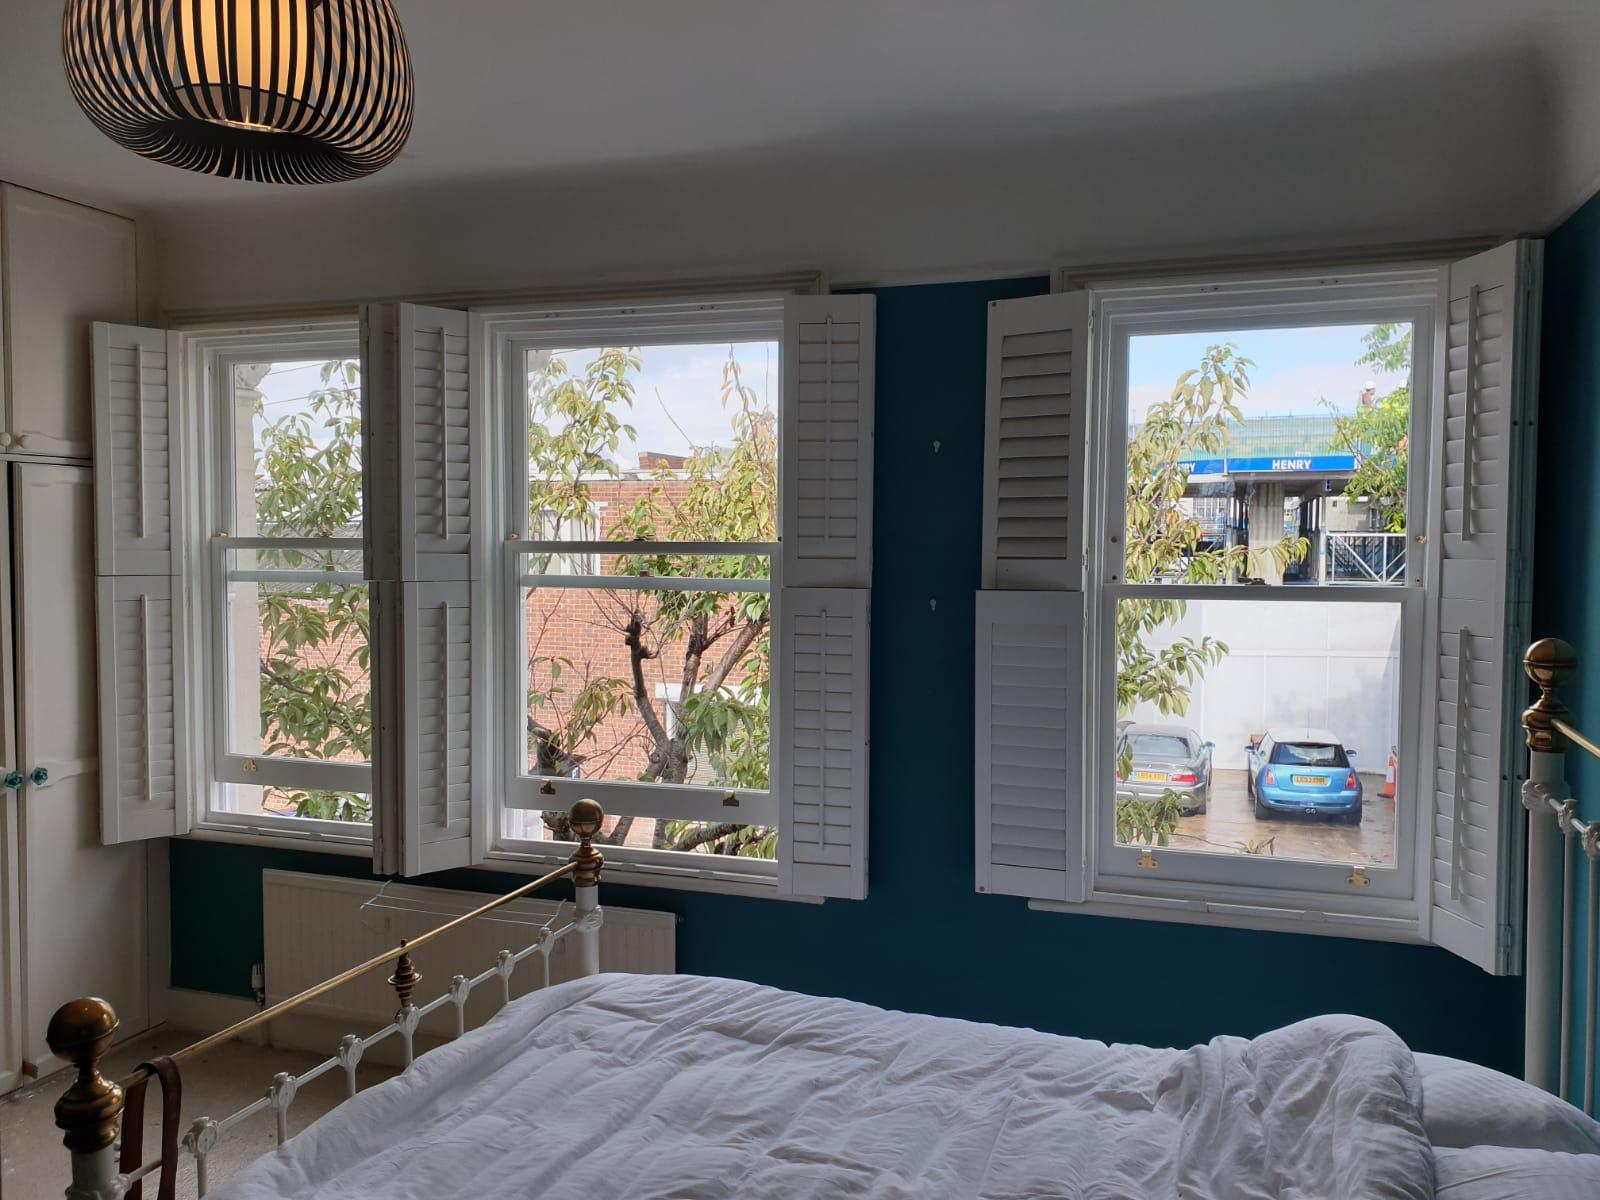 Sash window company Wimbledon